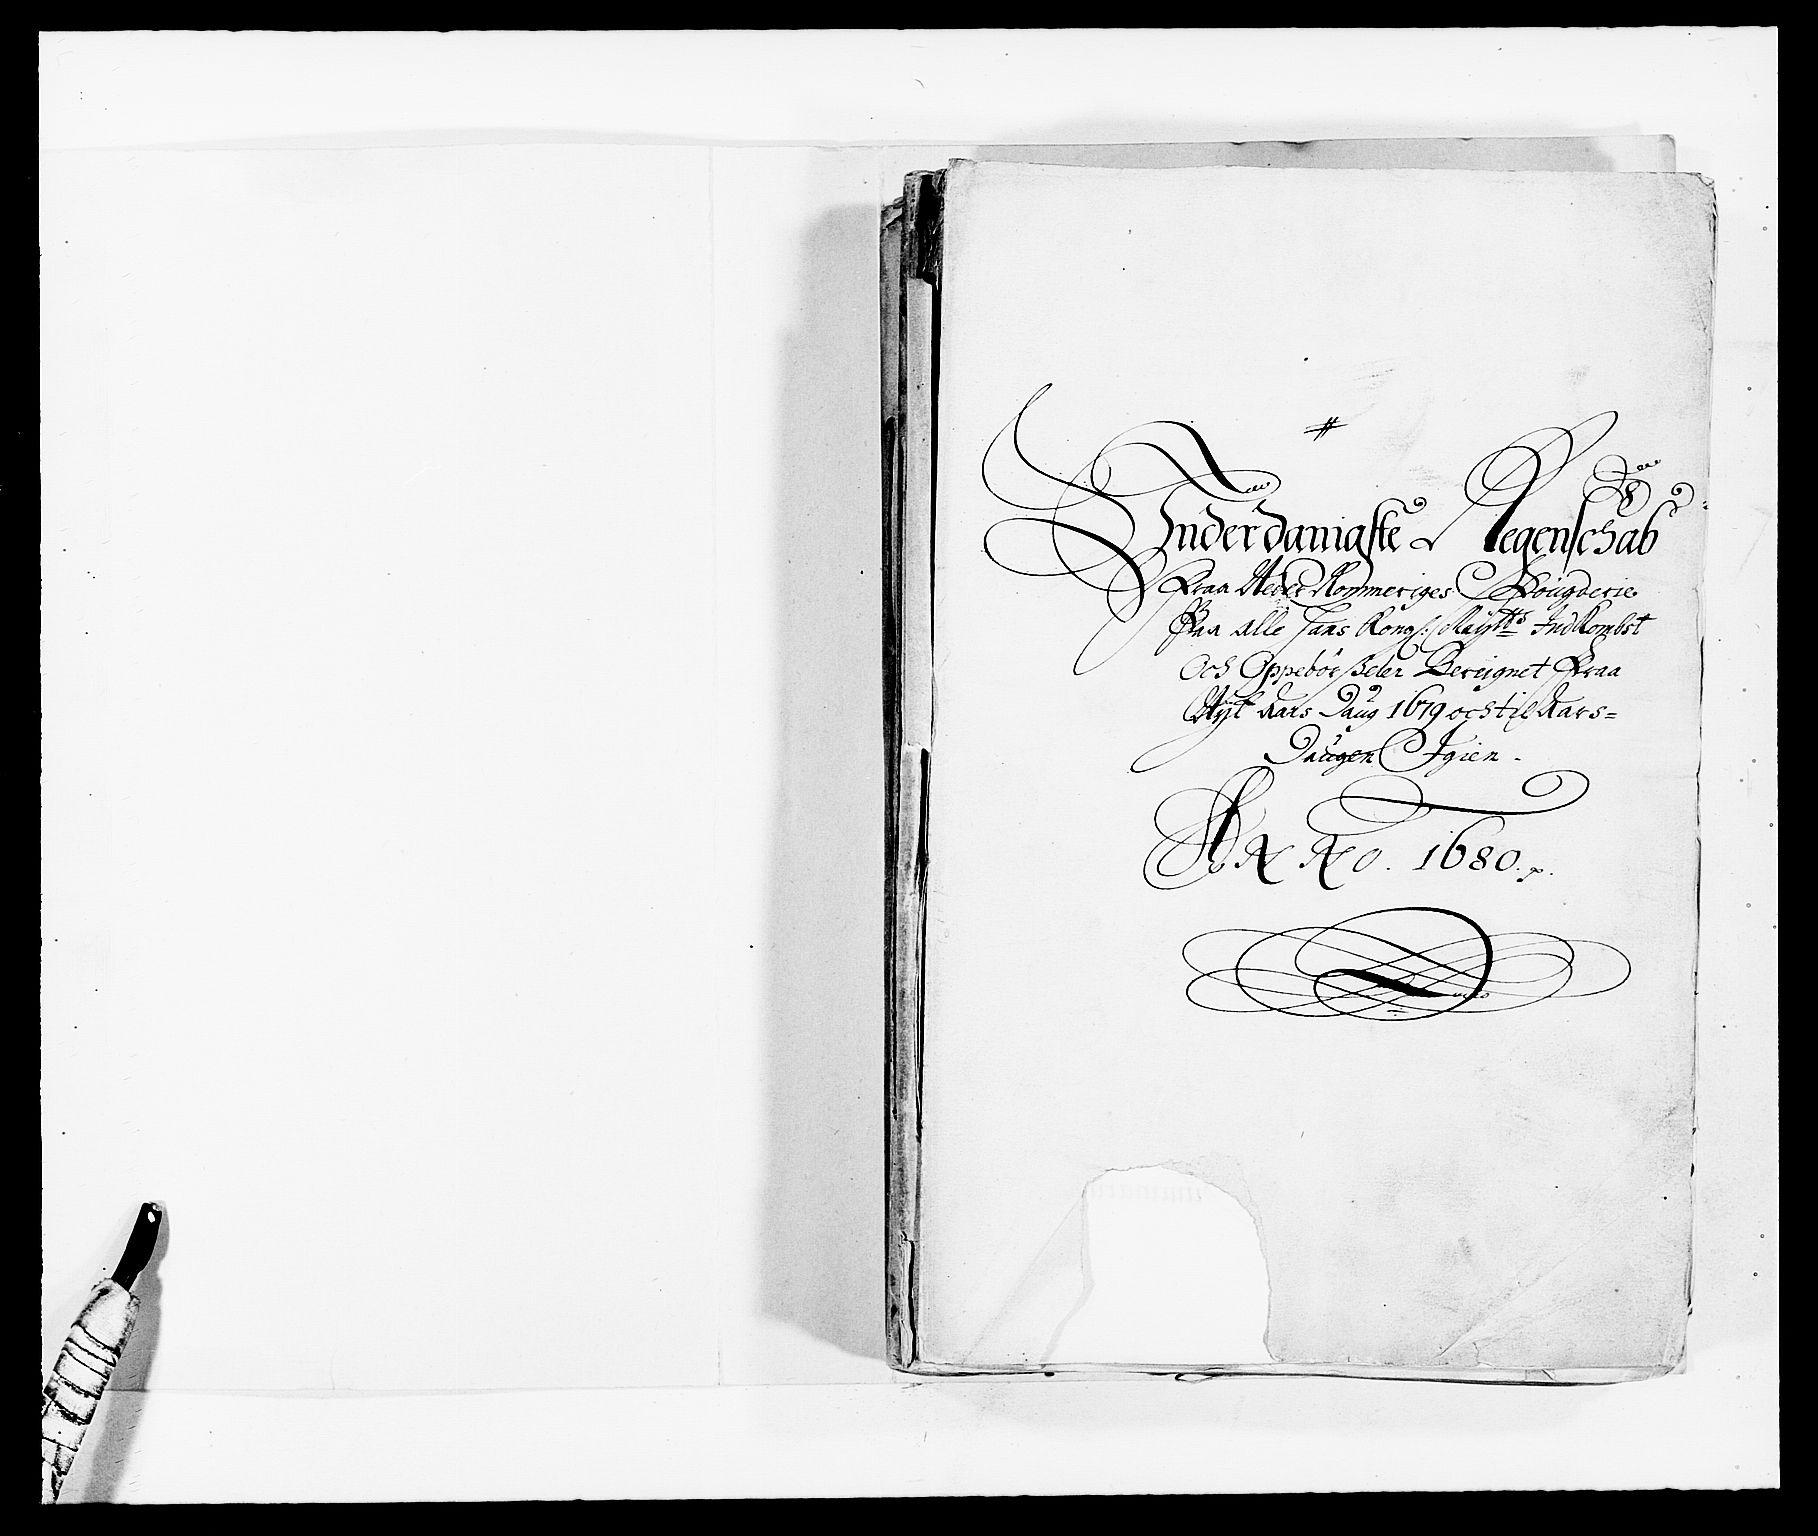 RA, Rentekammeret inntil 1814, Reviderte regnskaper, Fogderegnskap, R11/L0568: Fogderegnskap Nedre Romerike, 1679, s. 2